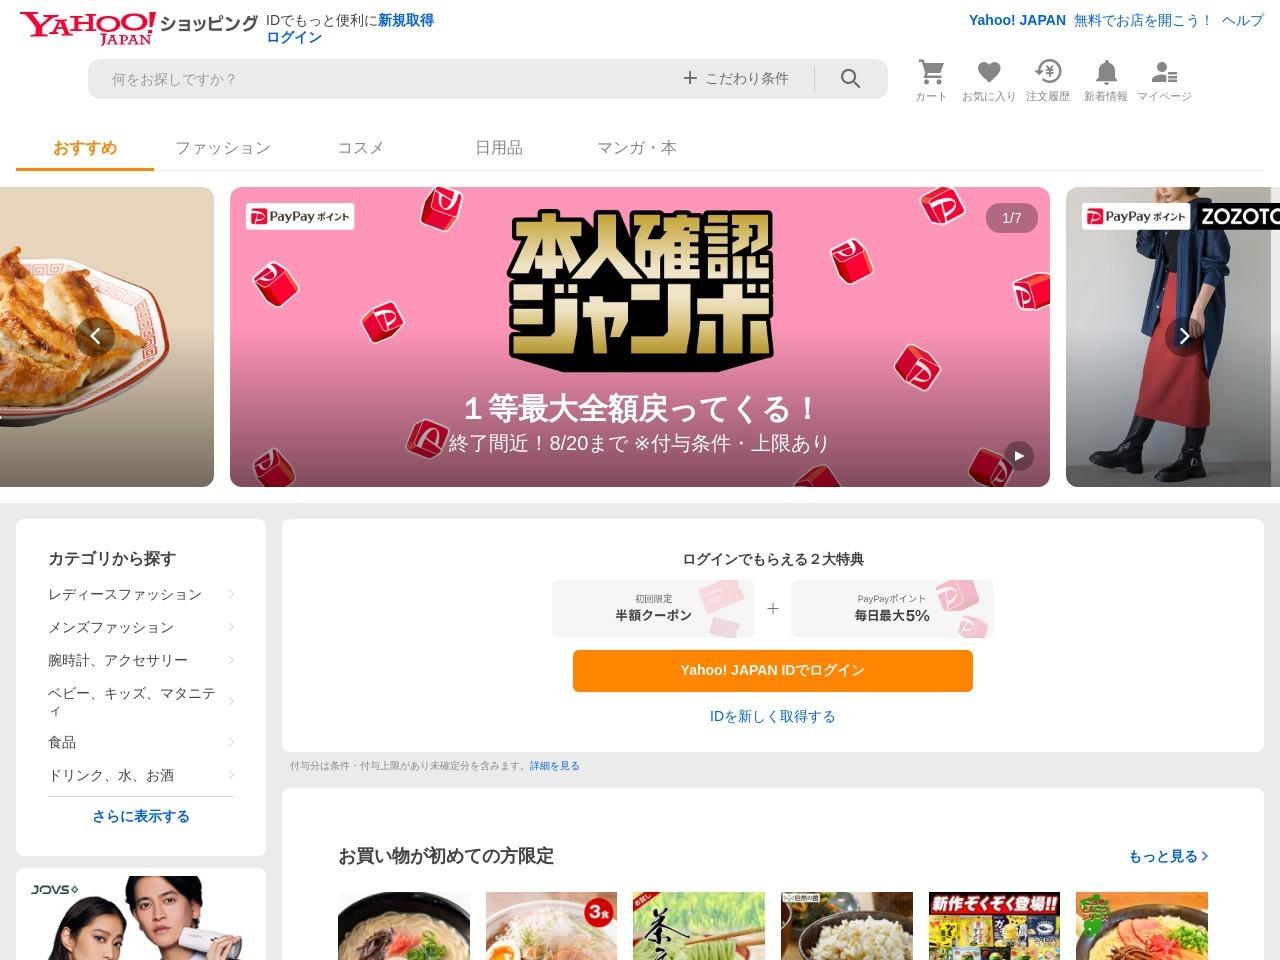 セレクトショップLADY-レイディ-は、人気・定番の韓国コスメ・韓国雑貨などを販売しています!!:セレクトショップLADY - 通販 - Yahoo!ショッピング